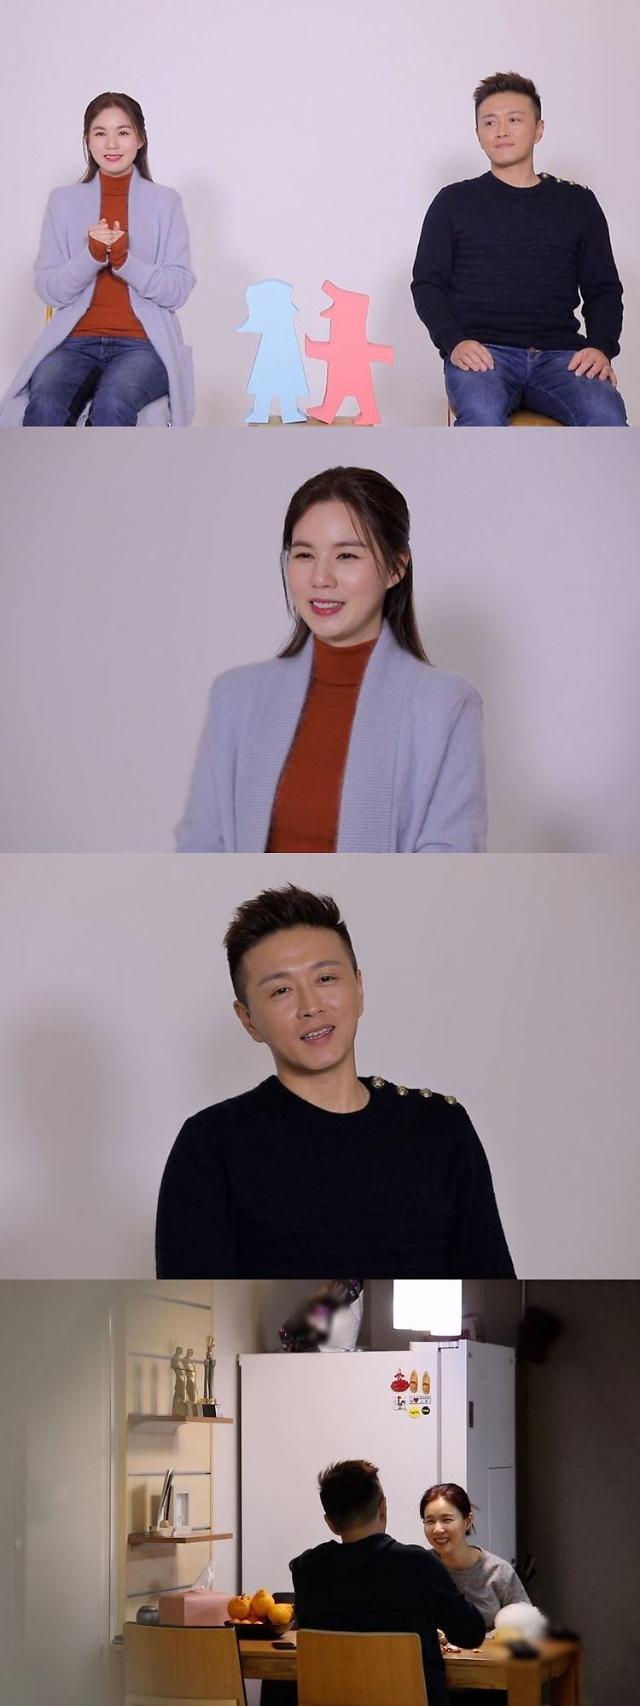 """동상이몽2 진태현♥박시은, """"이젠 둘이 아닌 셋"""" 공개 입양한 대학생 딸 공개"""